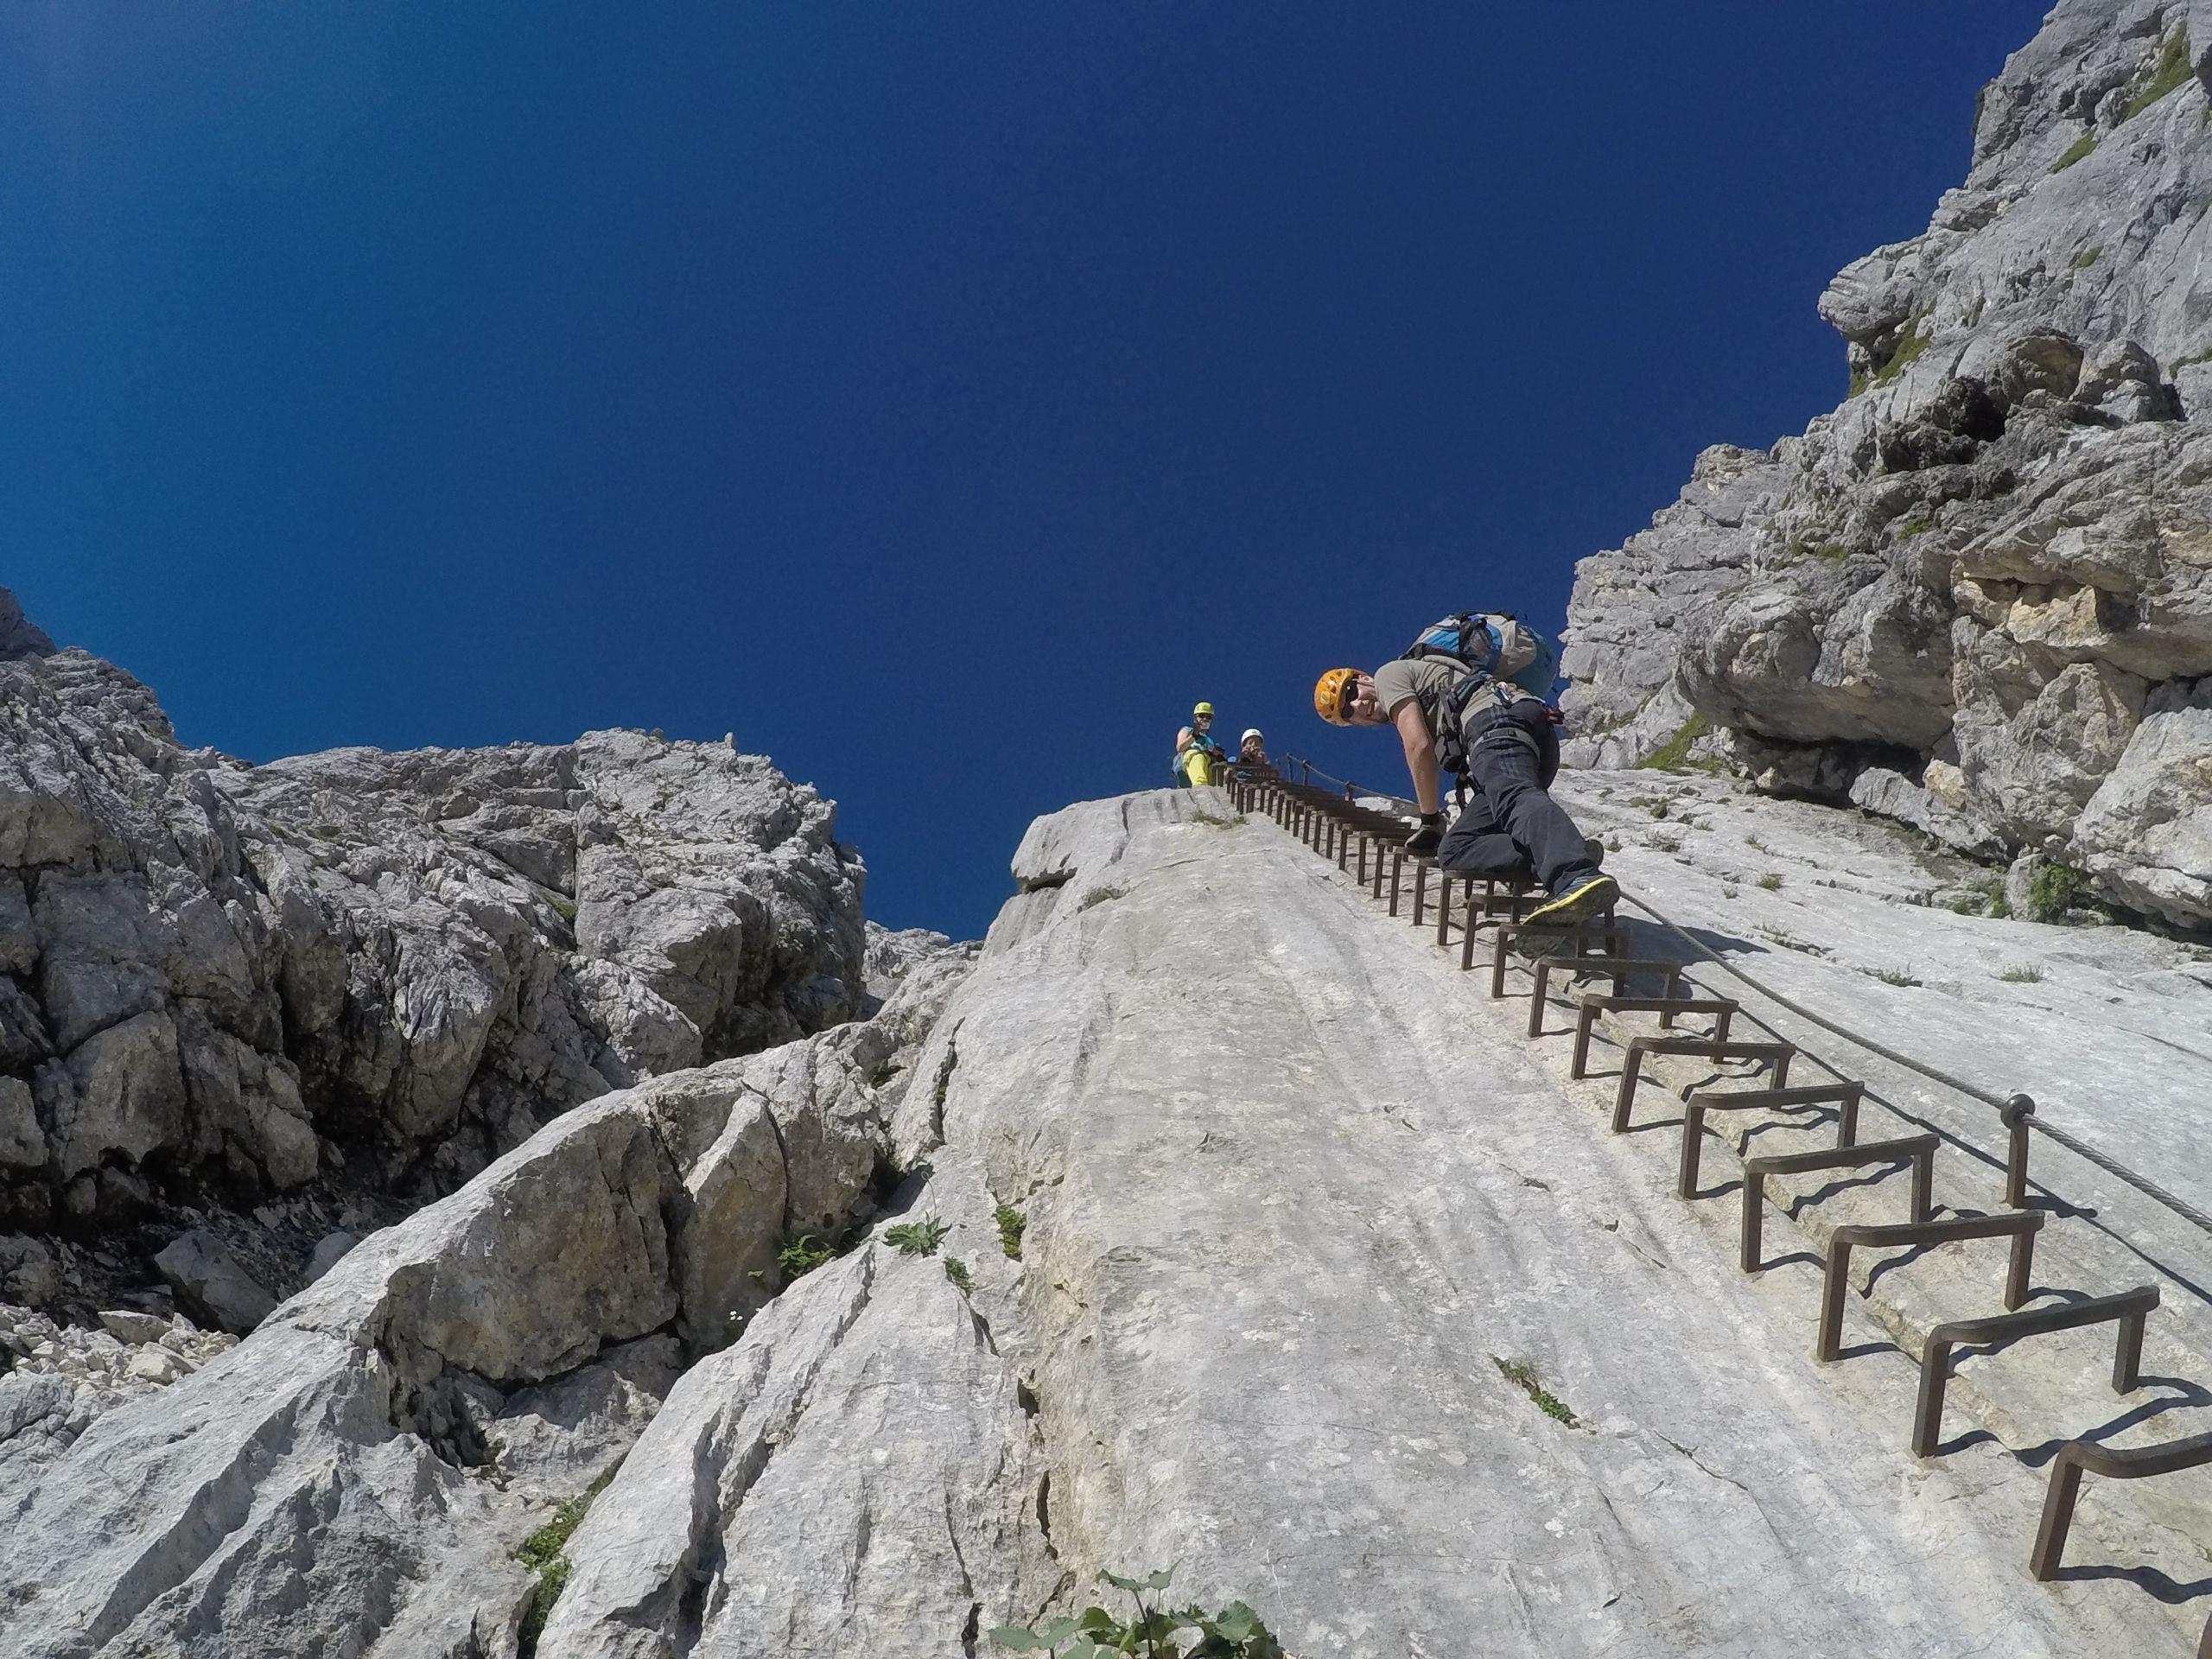 Klettersteig Alpspitze : Klettersteig alpspitze in příroda